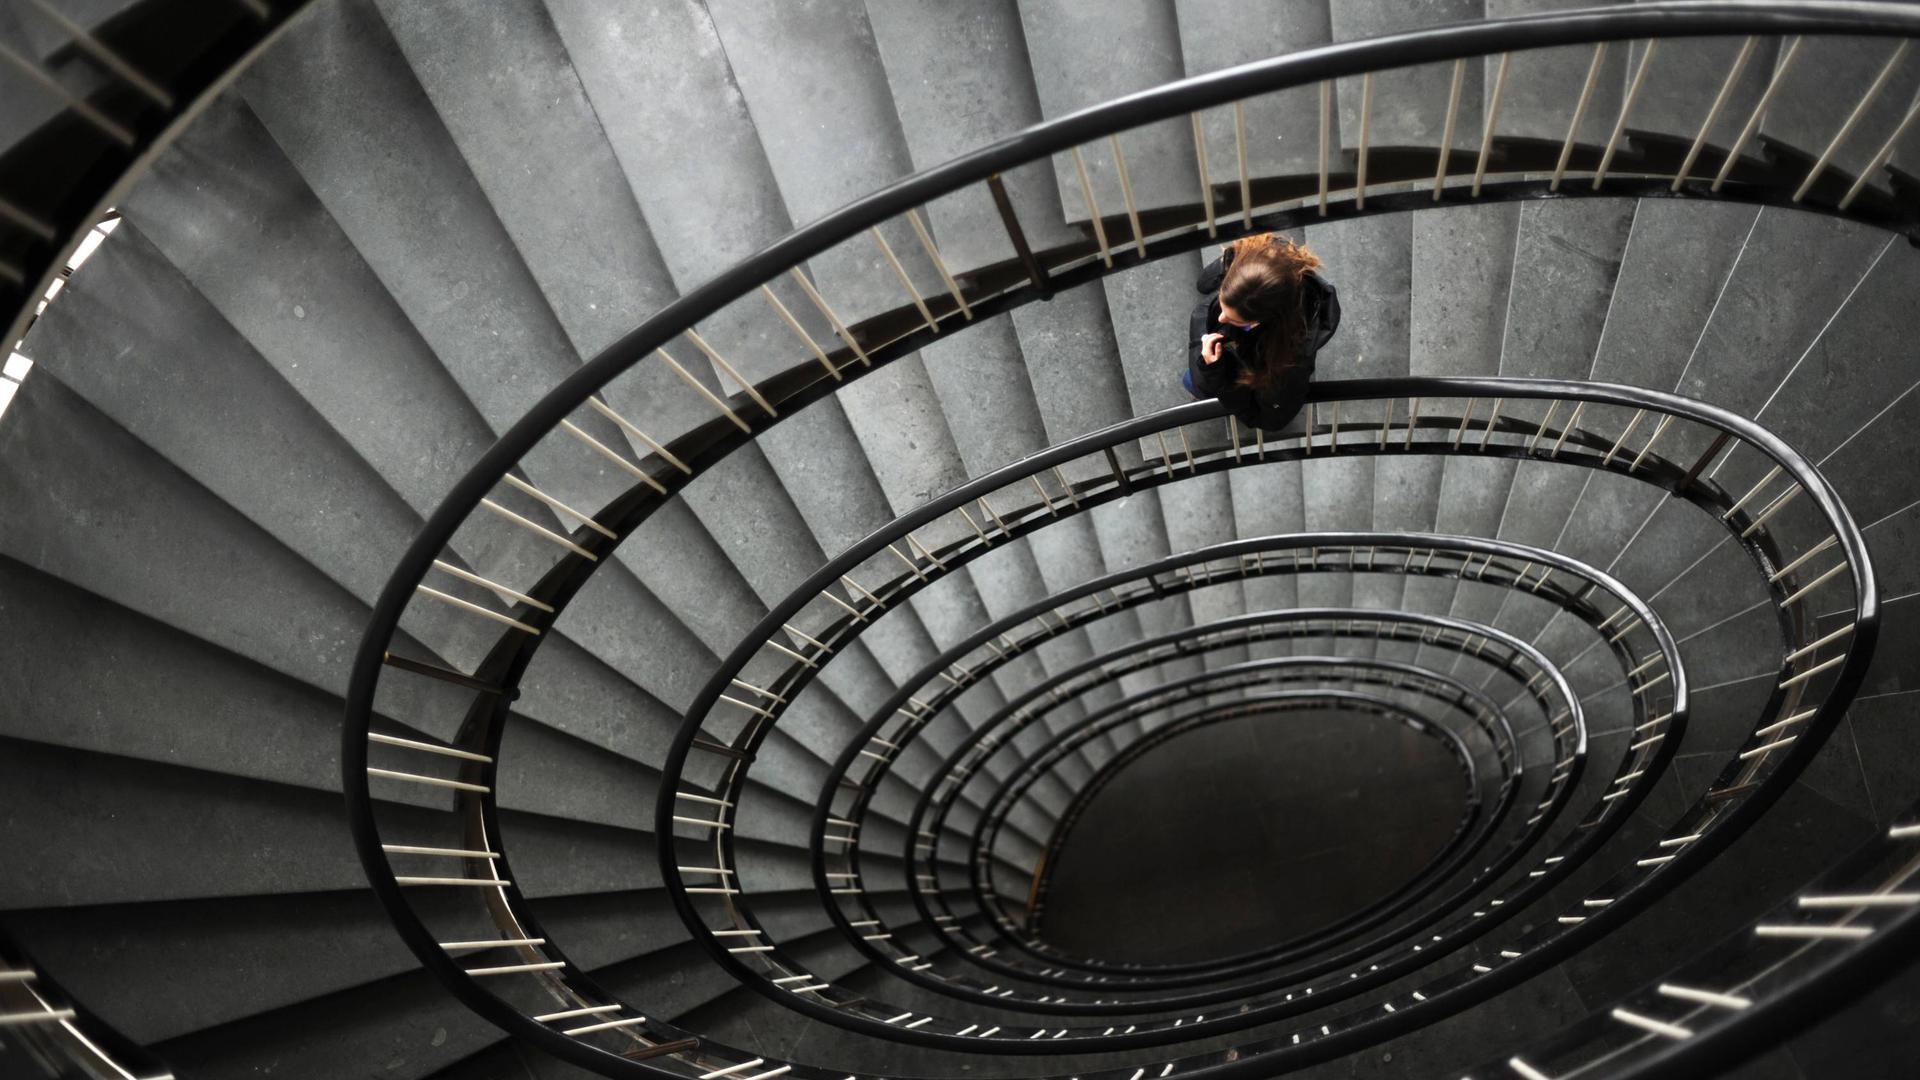 Eine Frau geht eine lange, im Kreis gewundene Treppe hinunter.